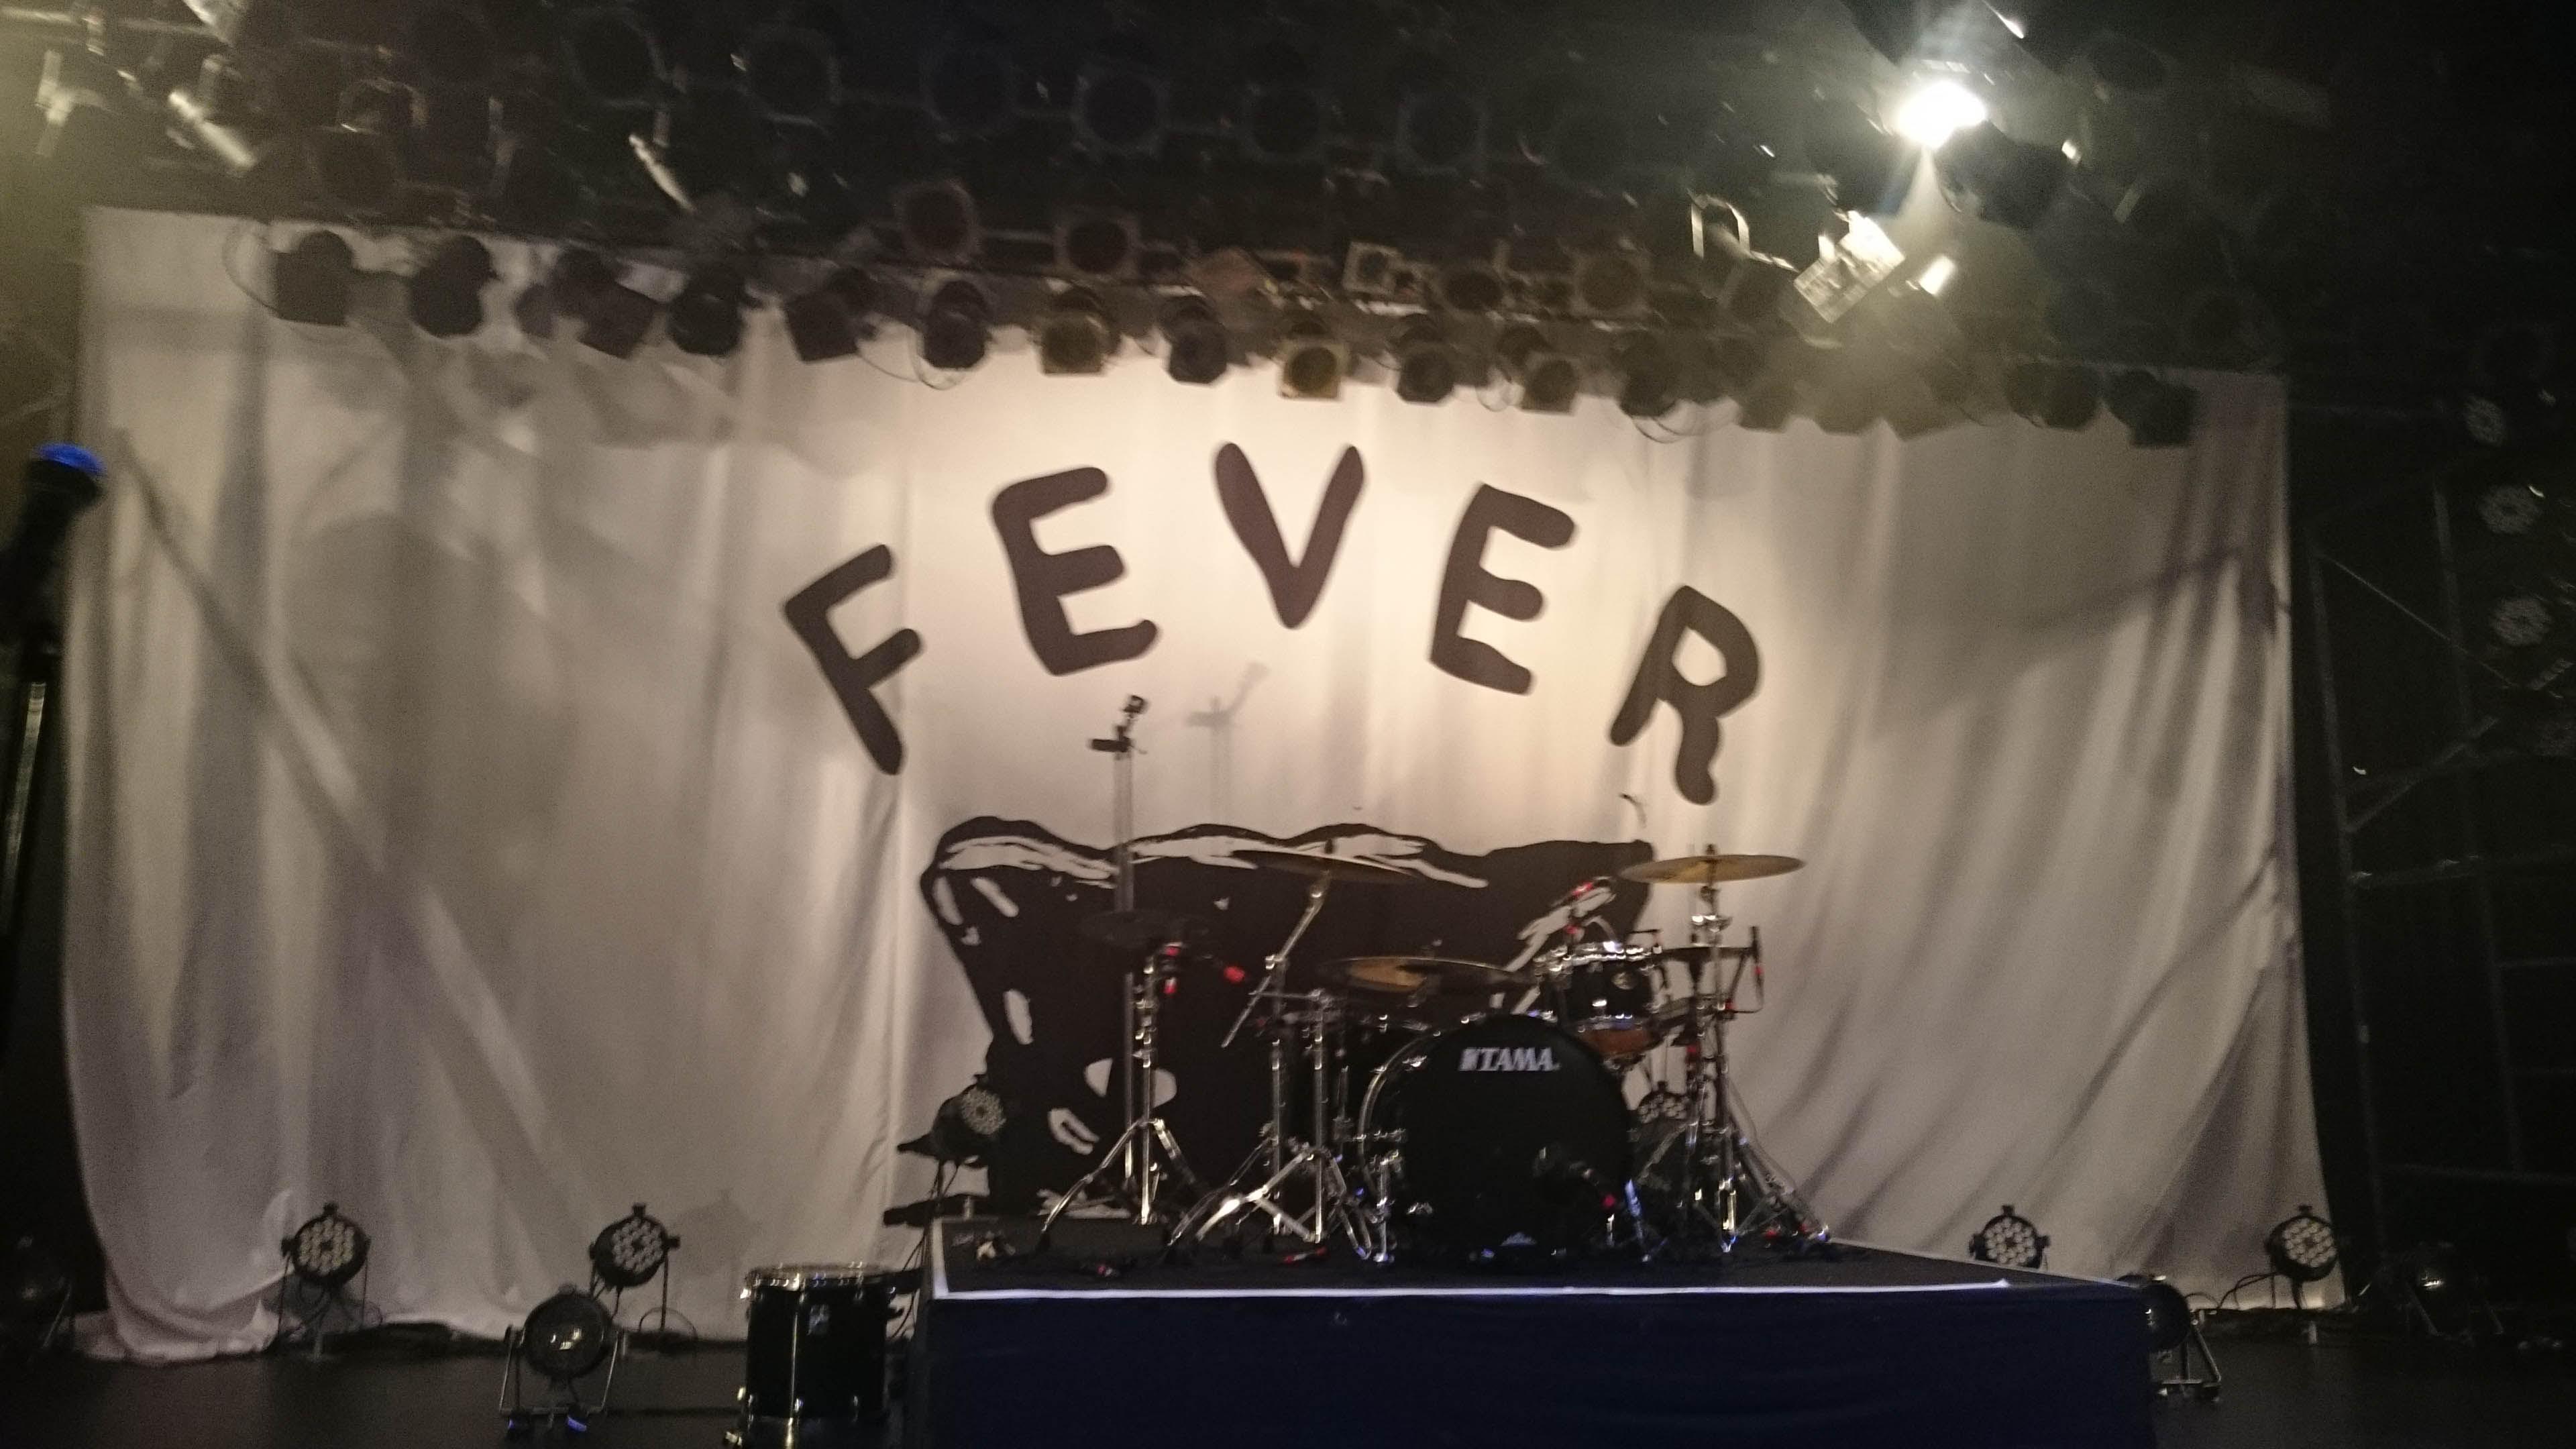 スッキリに出演して話題になったFEVER333のライブの感想